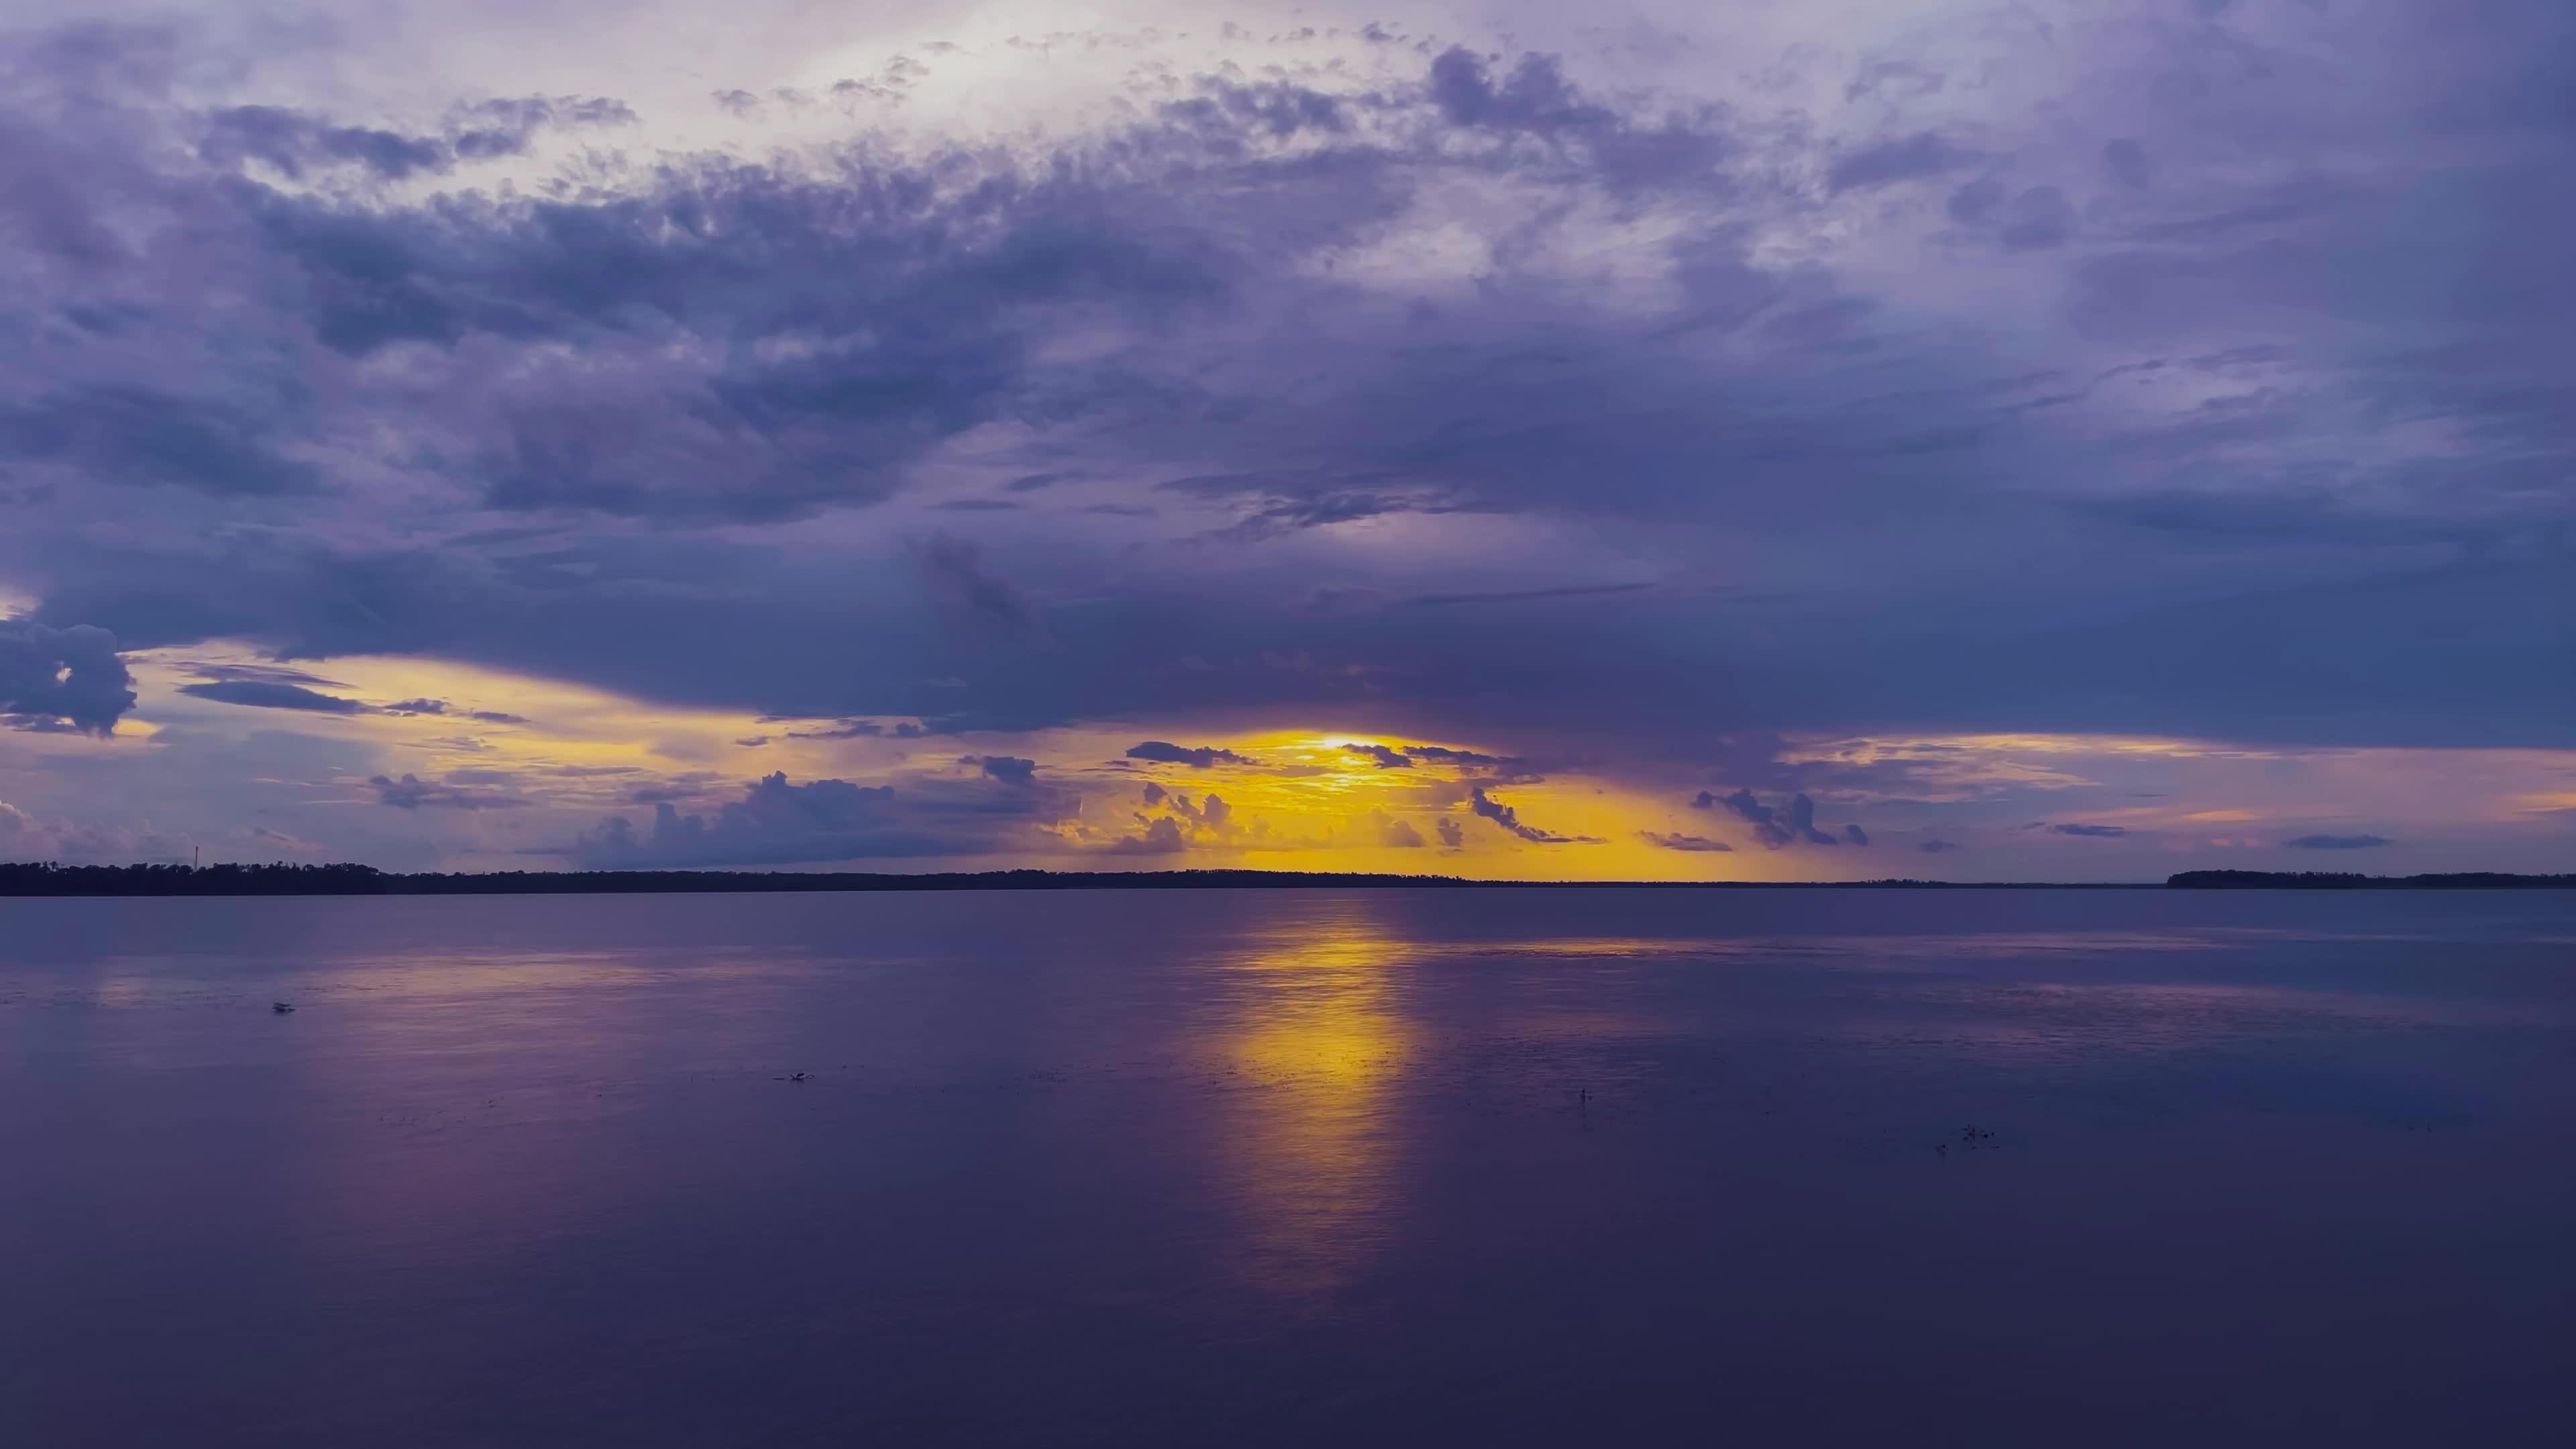 实拍大海风景视频素材